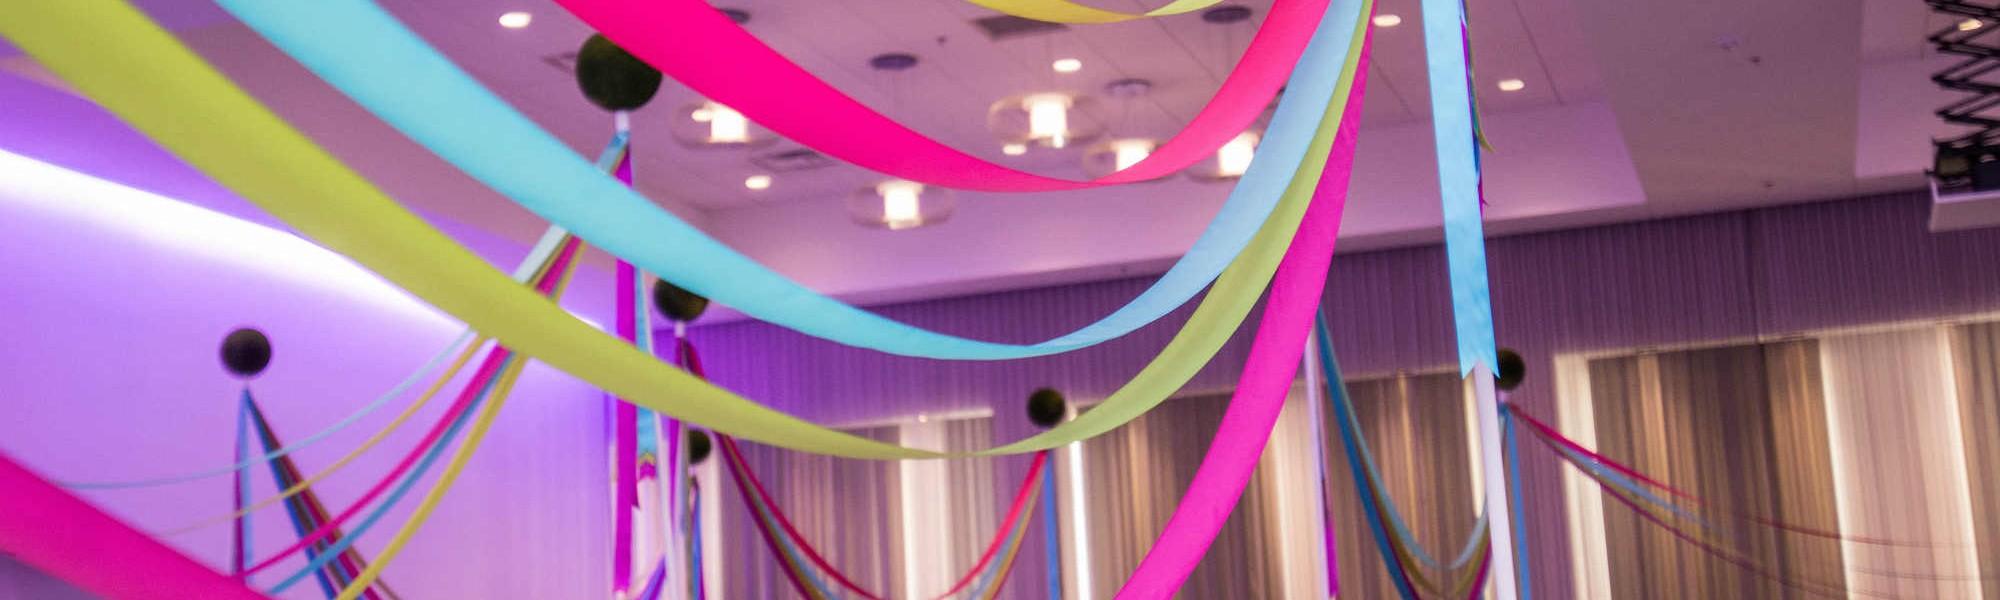 Ann Plans Ribbon Ceiling slider